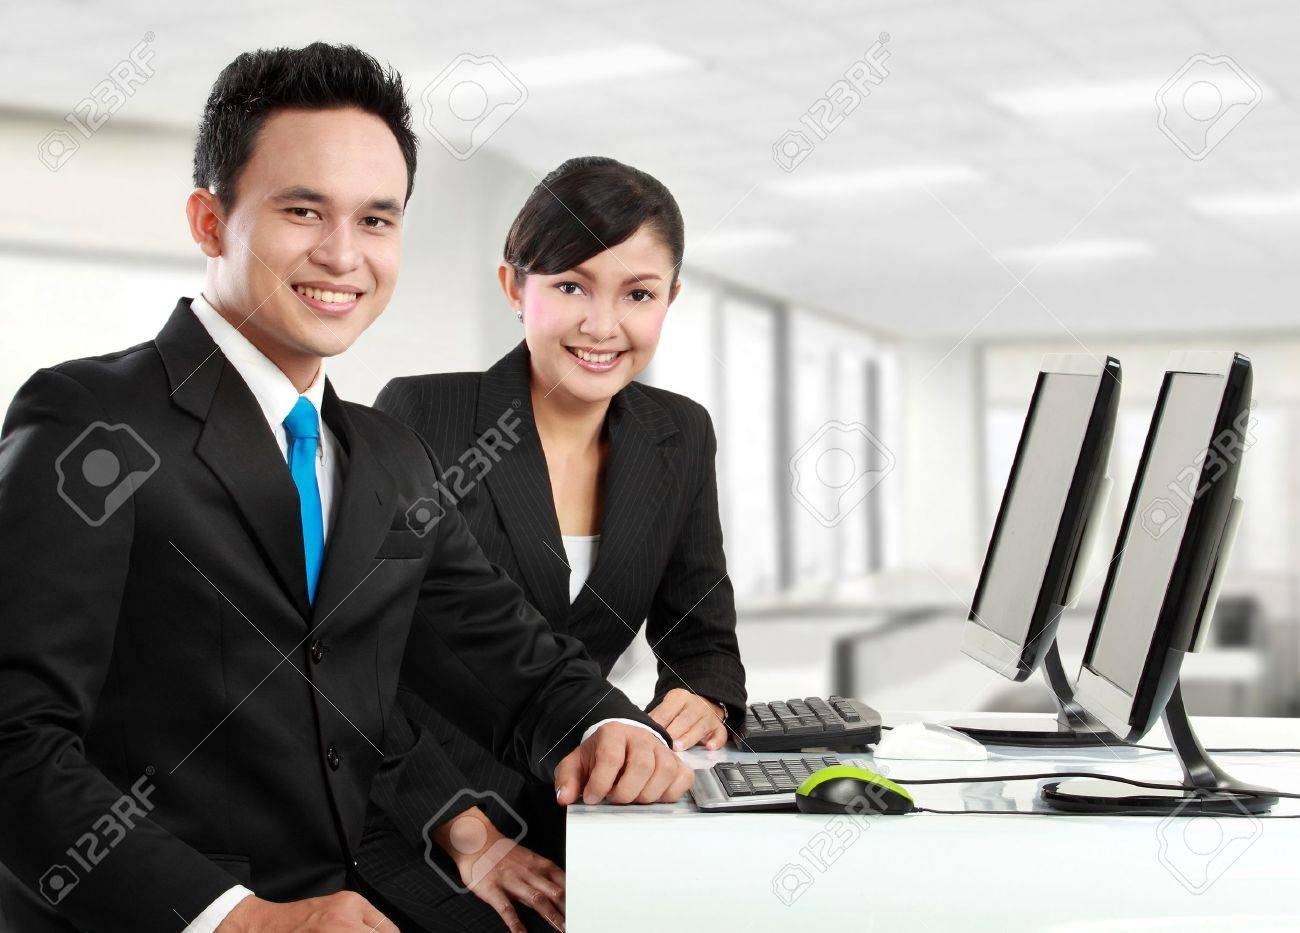 Gluckliche Frau Und Mann Buroangestellten Im Buro Arbeiten